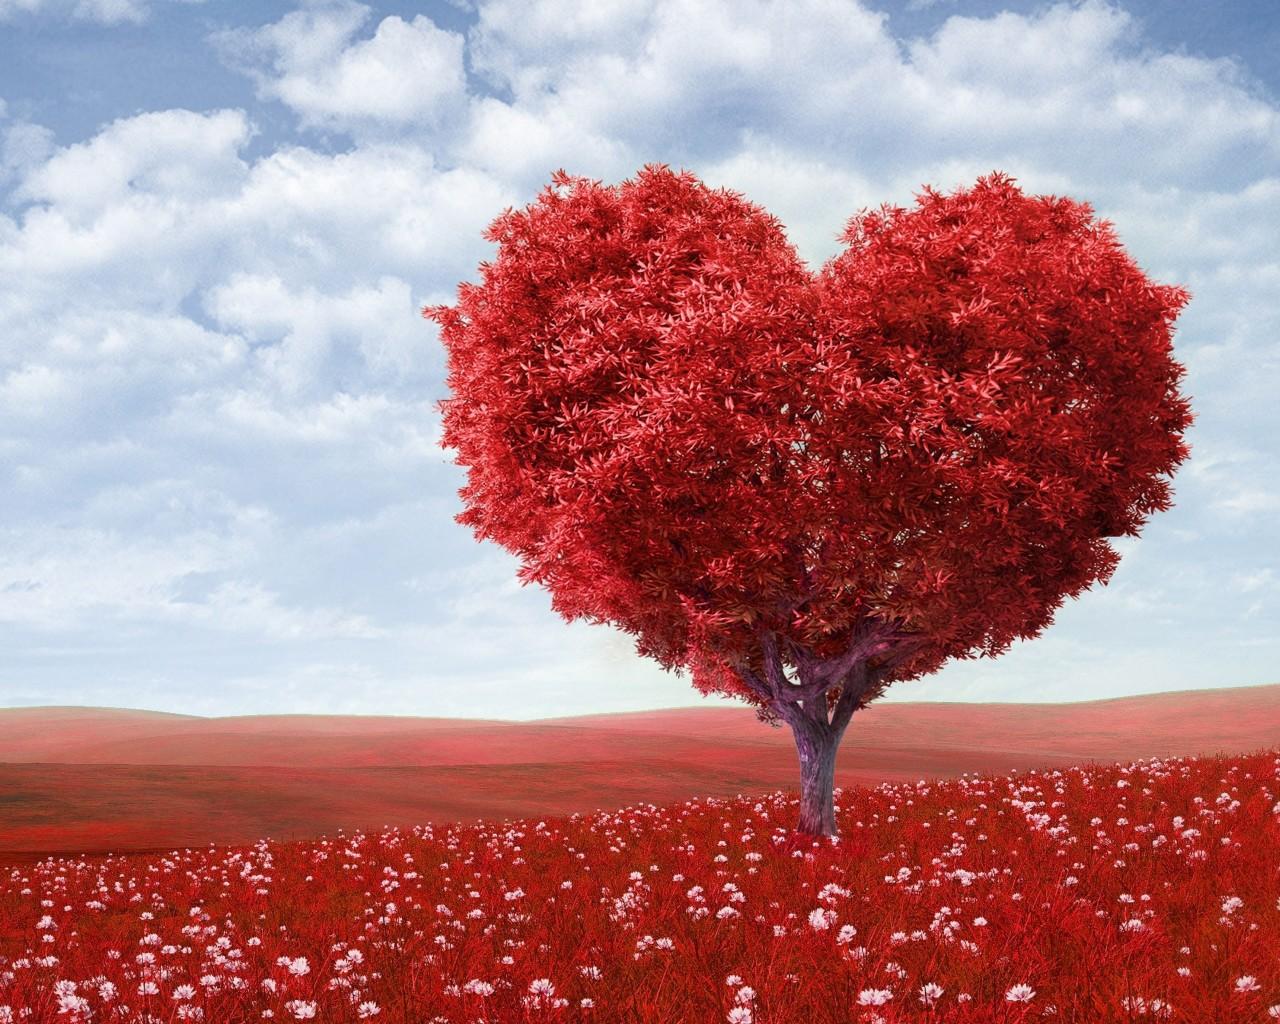 В Доме музыки пройдет программа, посвященная Дню влюбленных